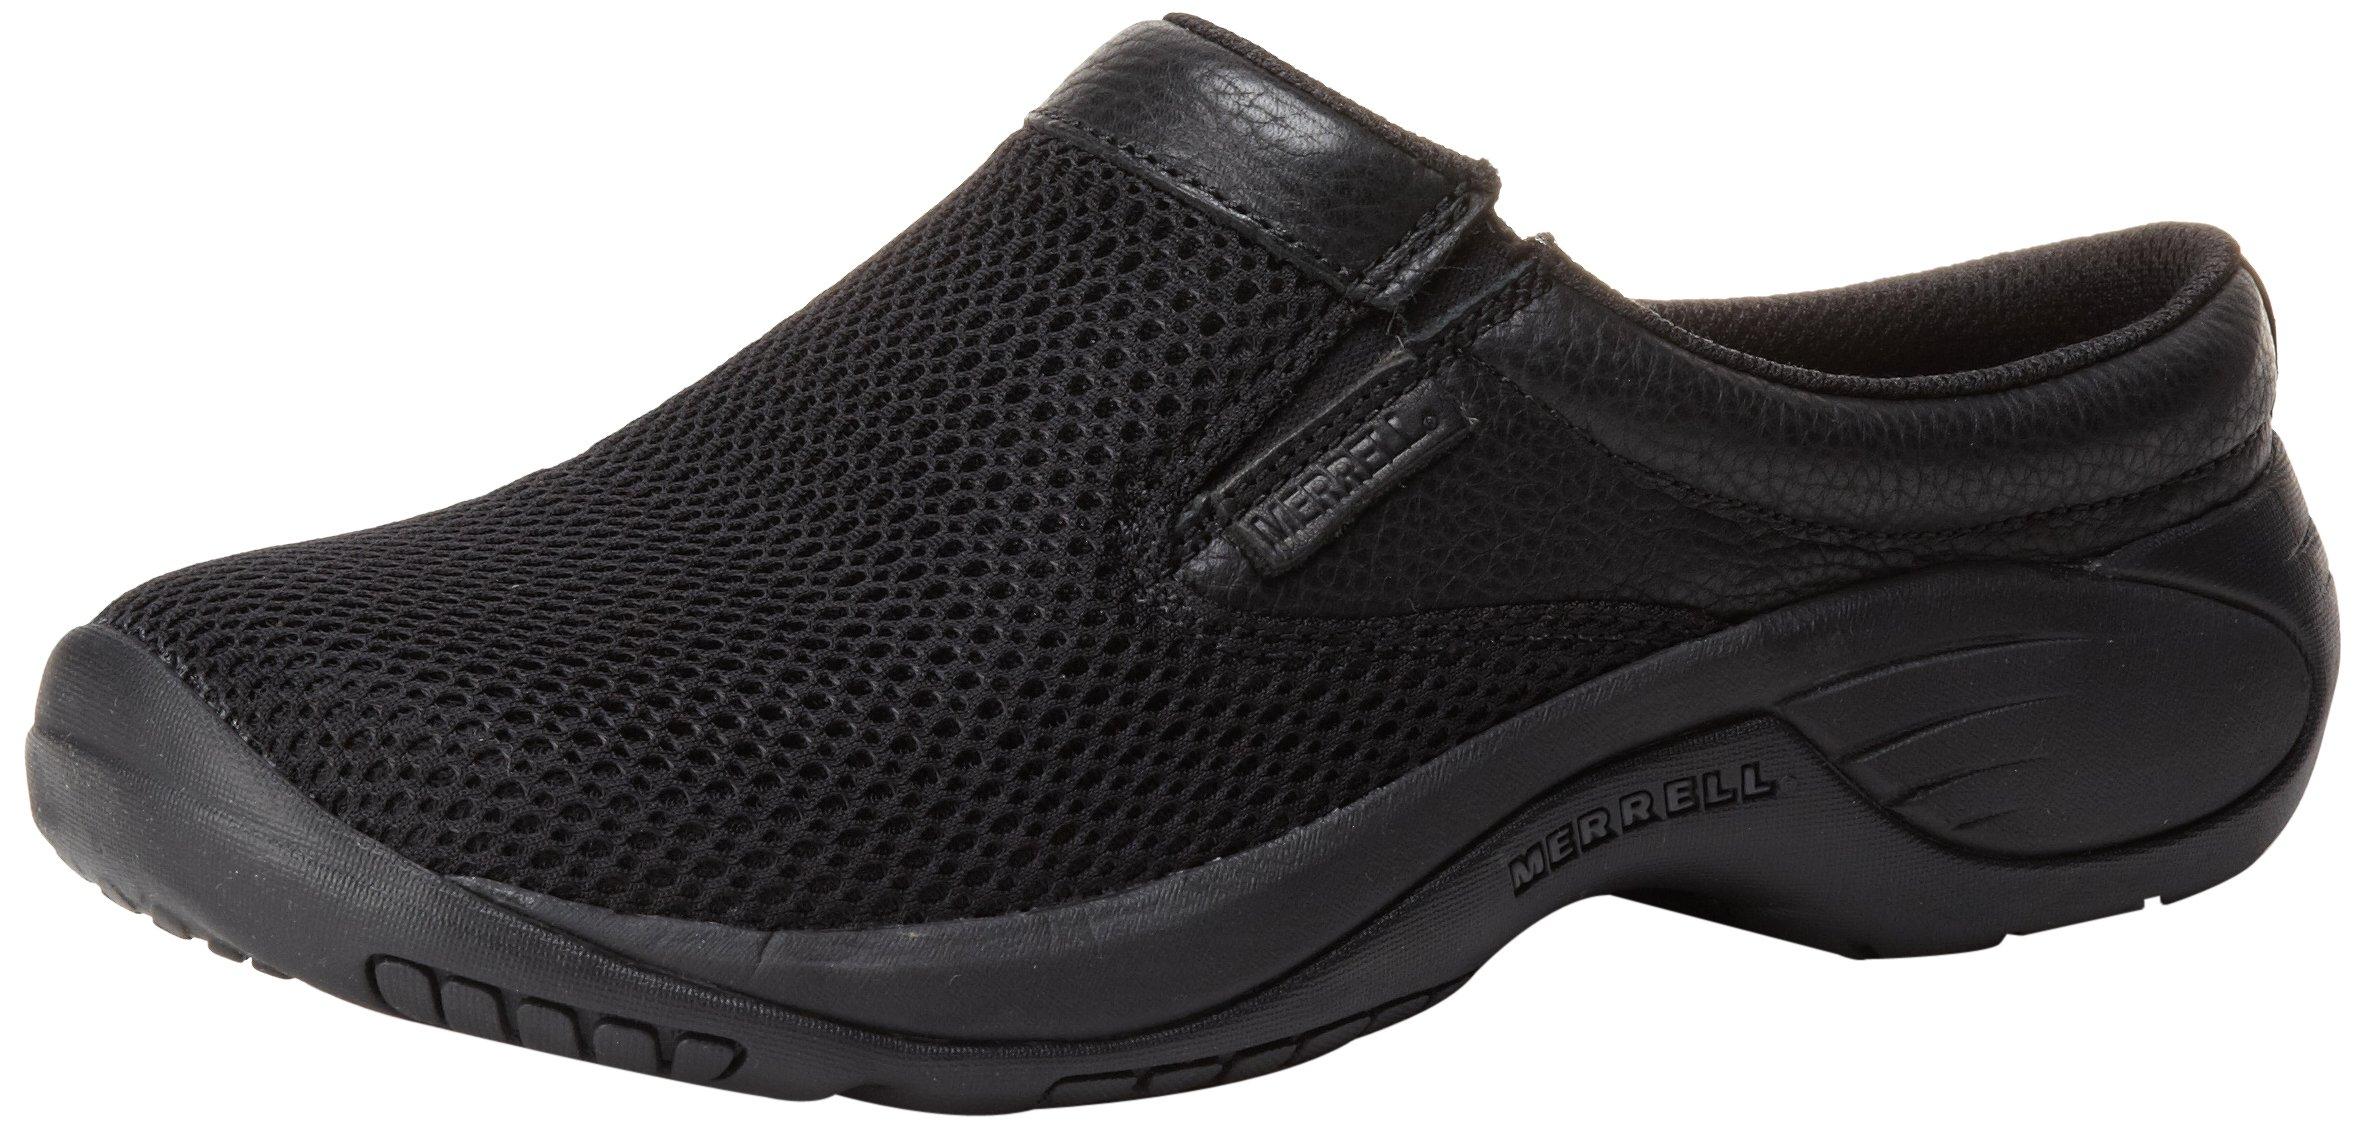 Merrell Men's Encore Bypass Slip-On Shoe,Black,10 M US